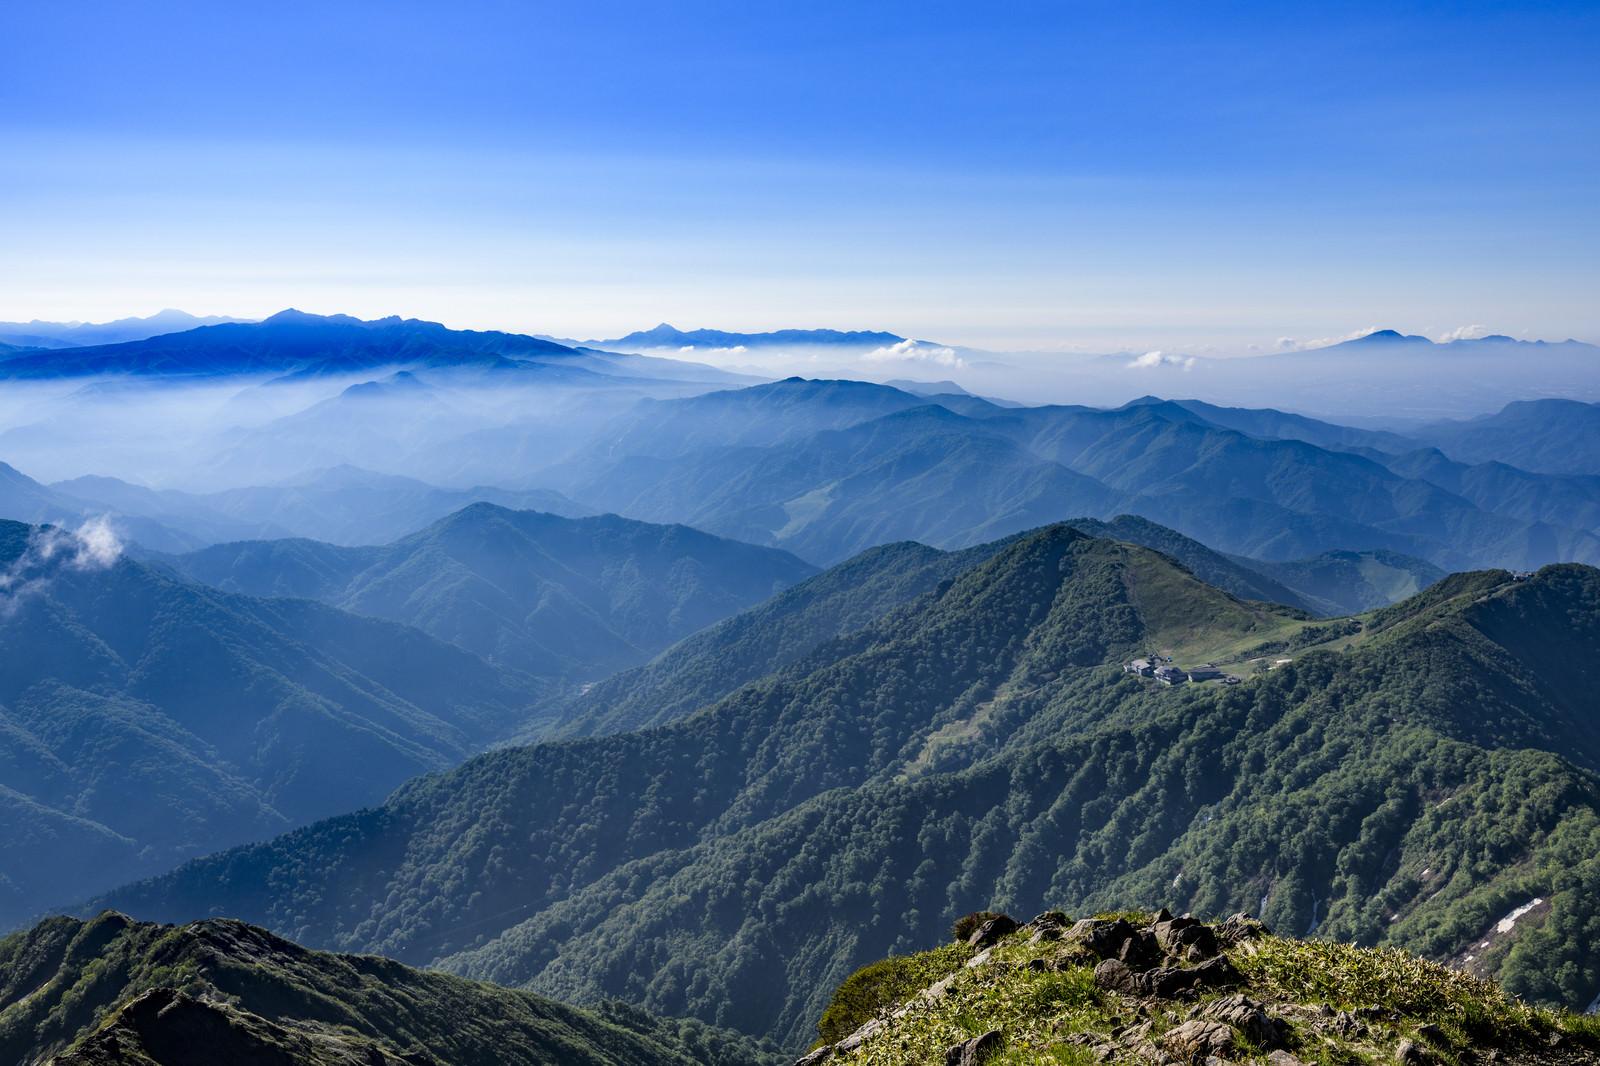 「薄雲に包まれる西黒尾根から見る谷川岳ロープウェイ」の写真